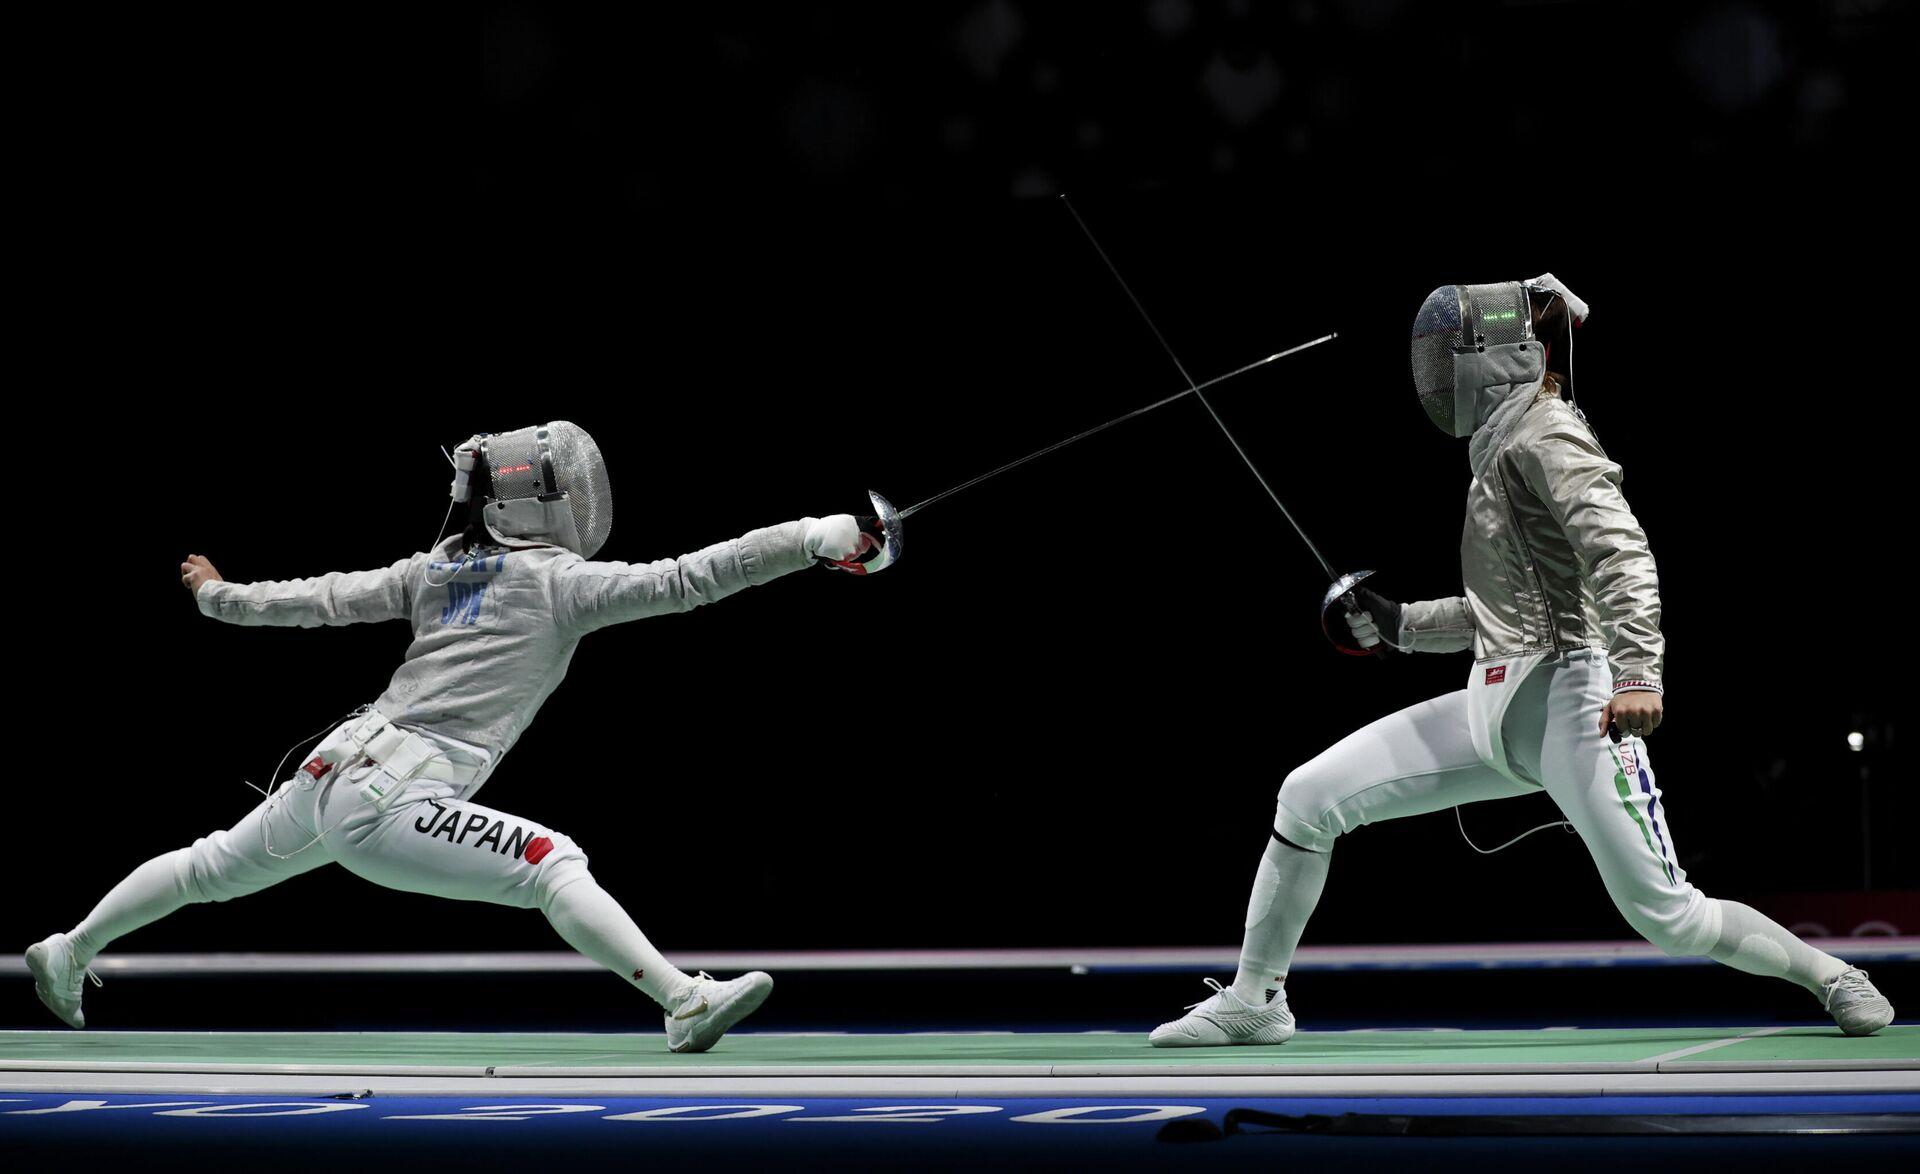 Чика Аоки из Японии в бою против Зайнаб Дайибековой из Узбекистана на олимпийских играх в Токио  - Sputnik Ўзбекистон, 1920, 26.07.2021